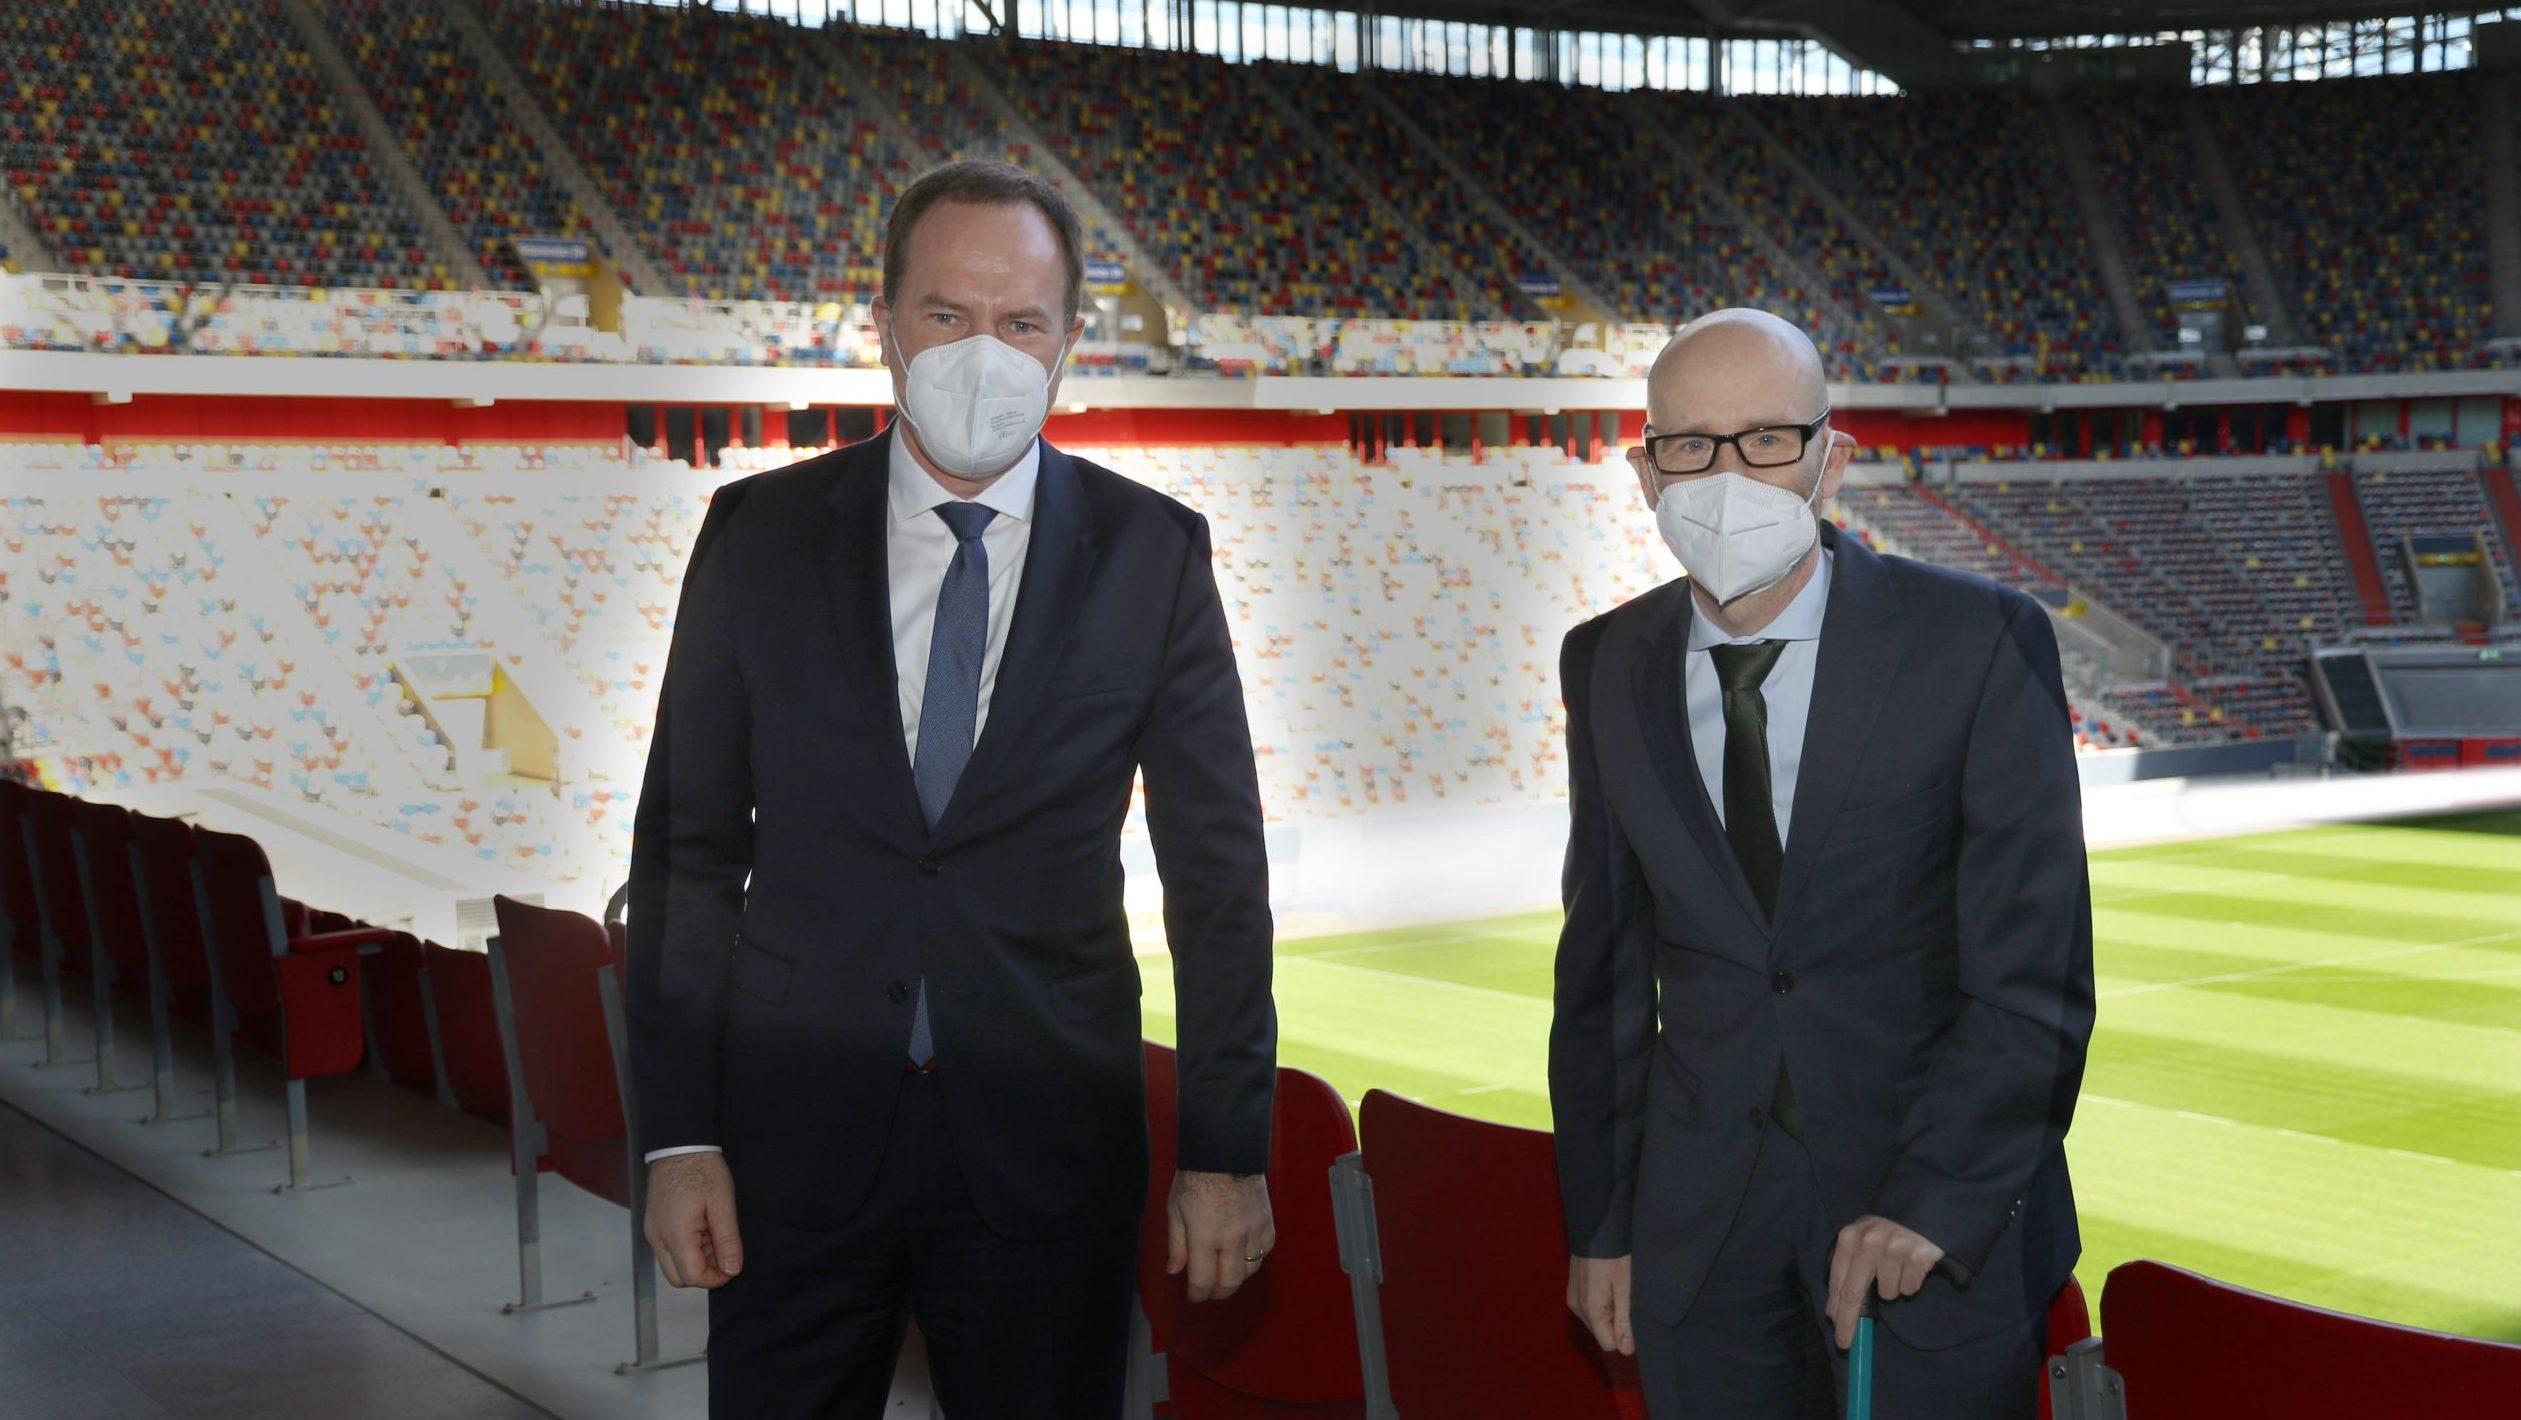 Staatssekretär Tauber und OB Keller festigen Zusammenarbeit